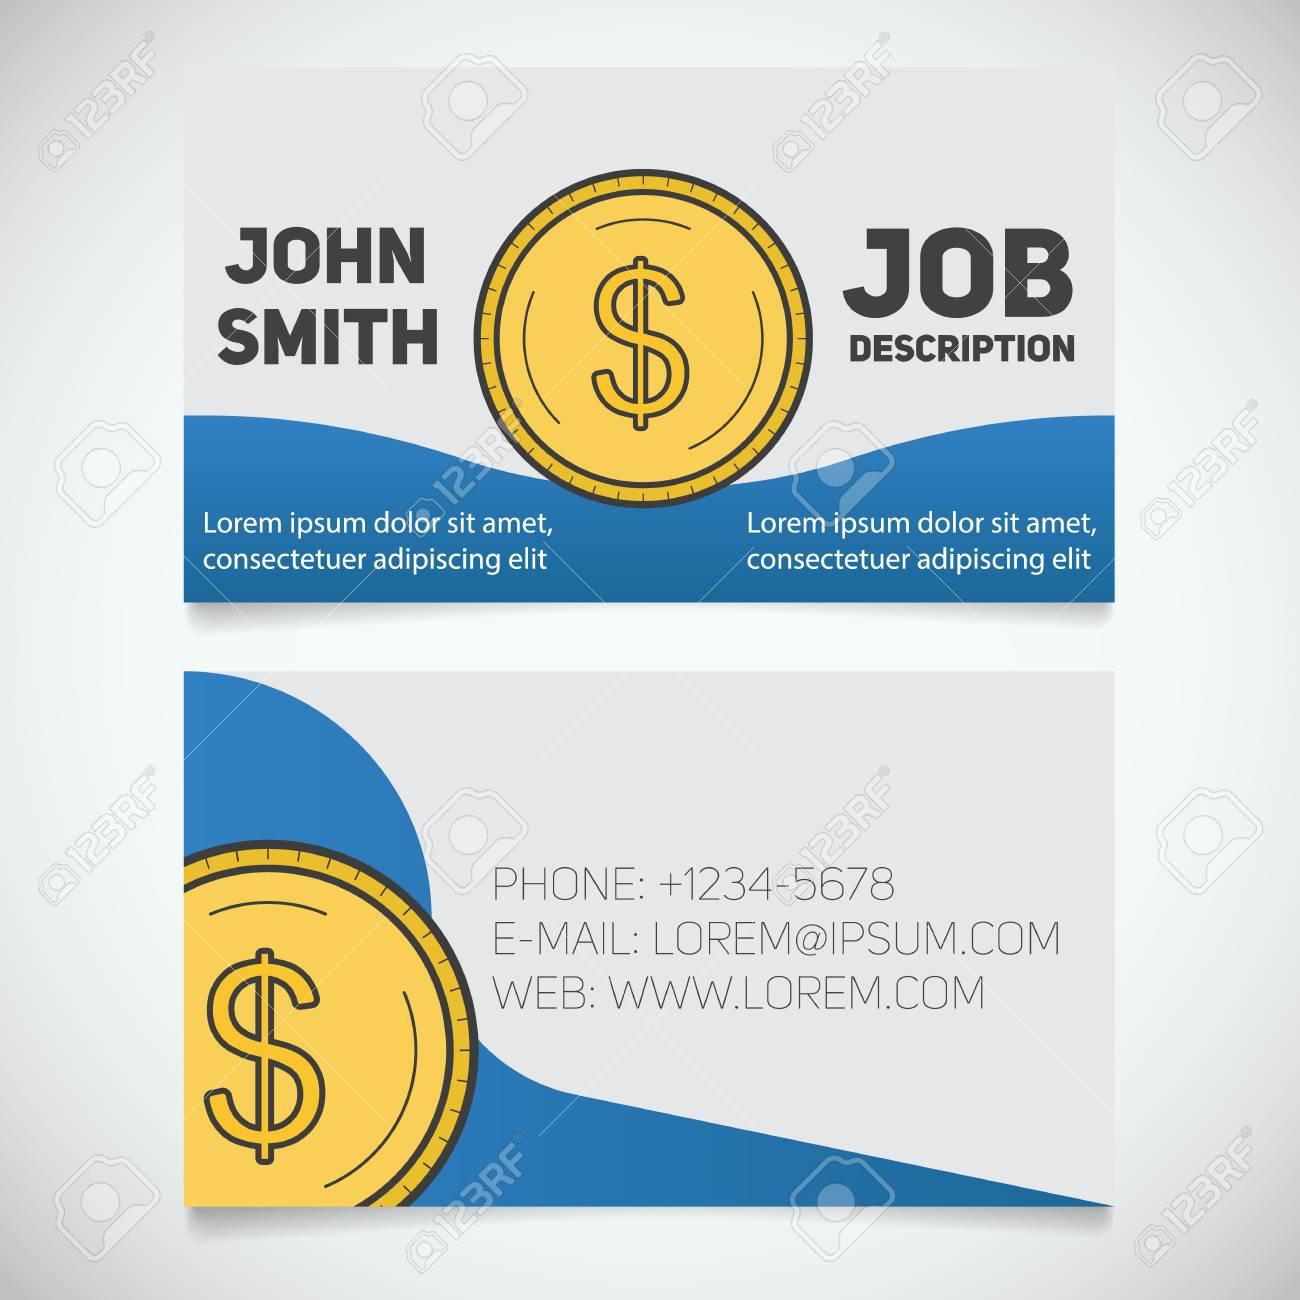 Modele Dimpression De Cartes Visite Avec Le Logo Monnaie En